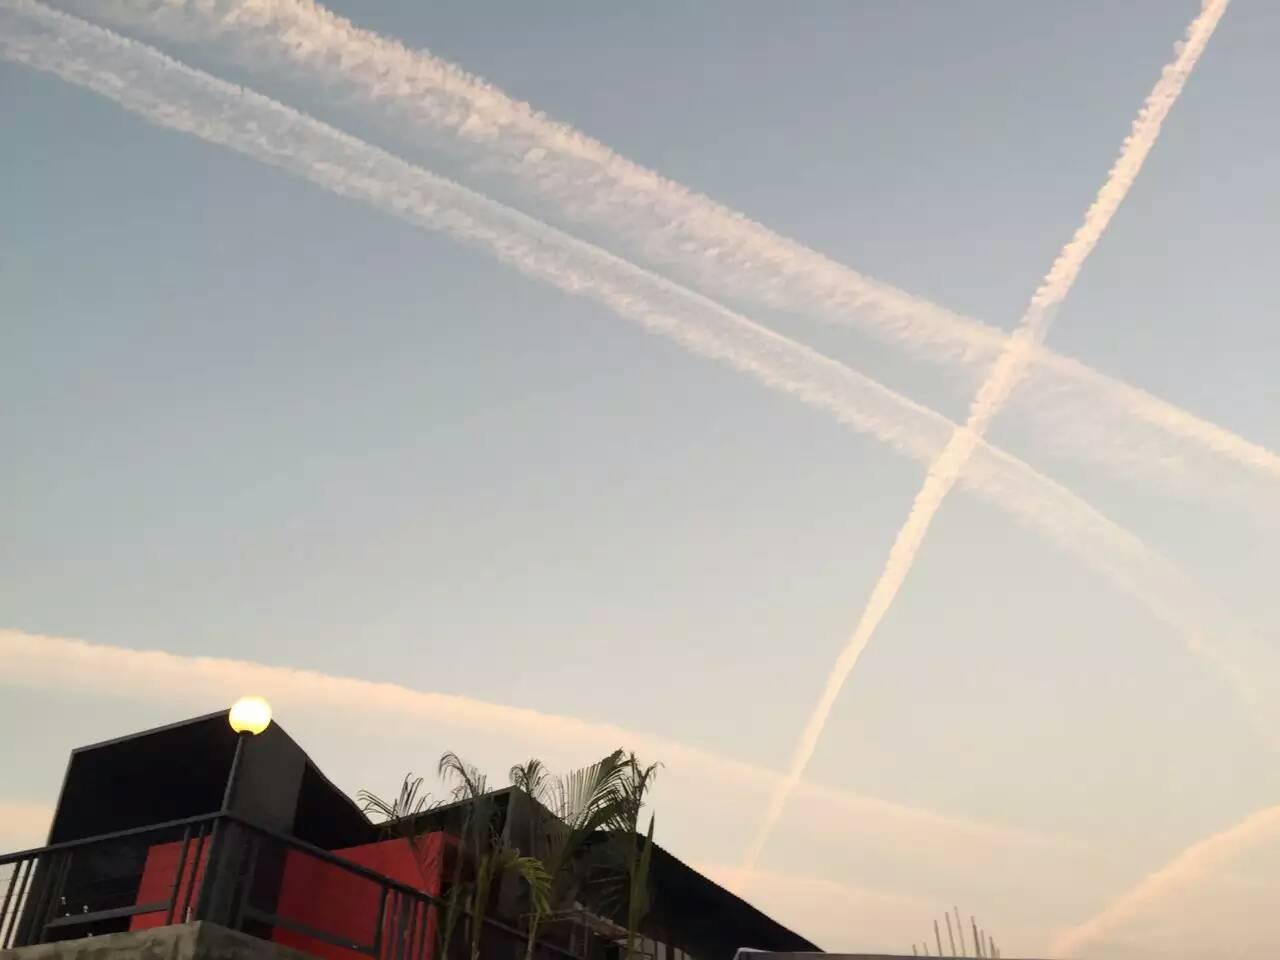 新年第一天,美丽的飞机云线划过天空,东莞的天空美到